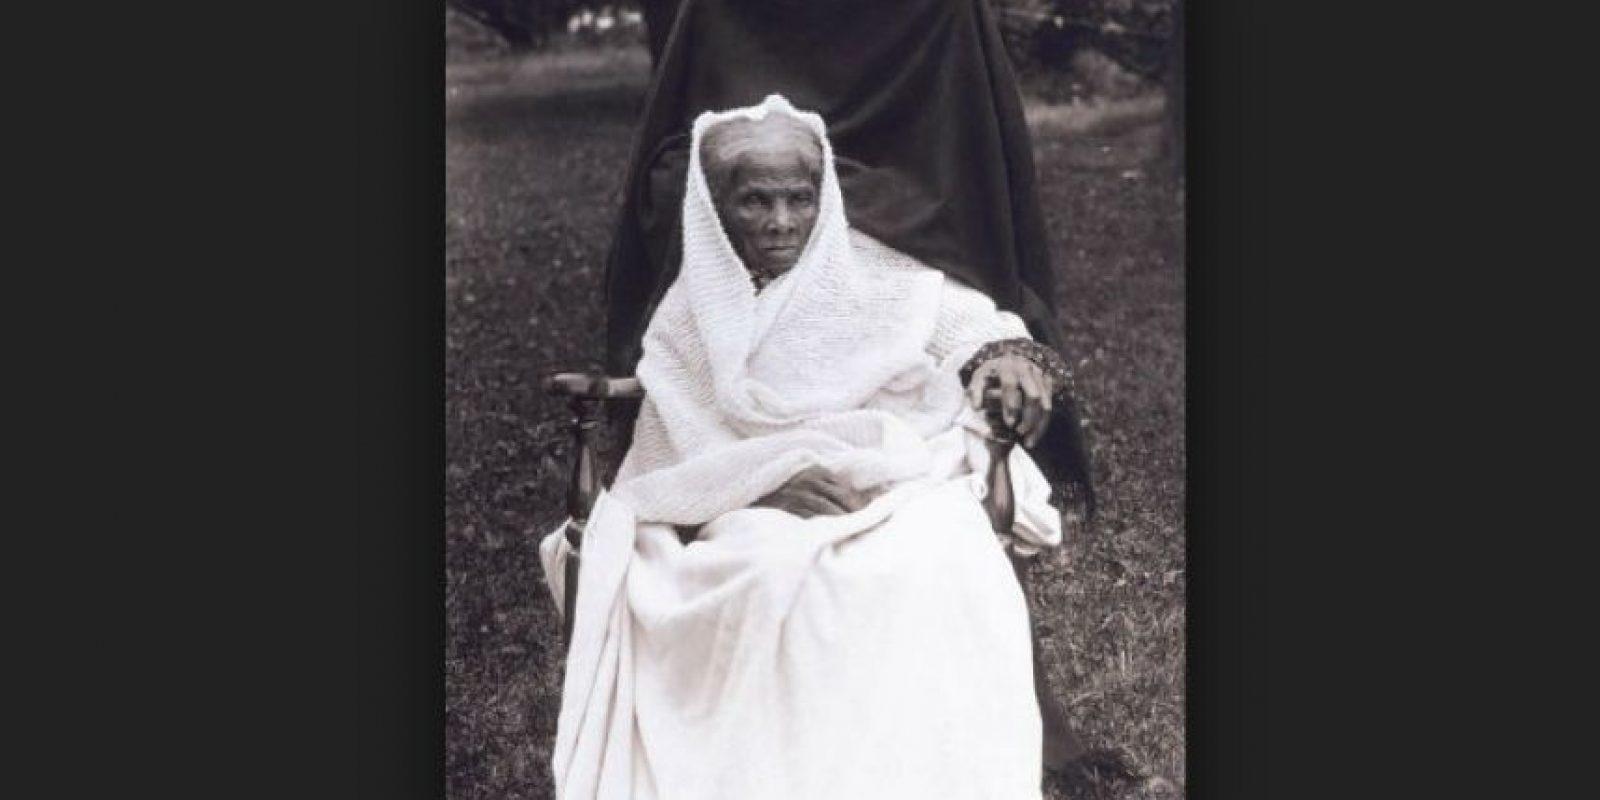 Luego de su lucha por la libertad se convirtió en una de las impulsoras del derecho de las mujeres a votar. Foto:biography.com